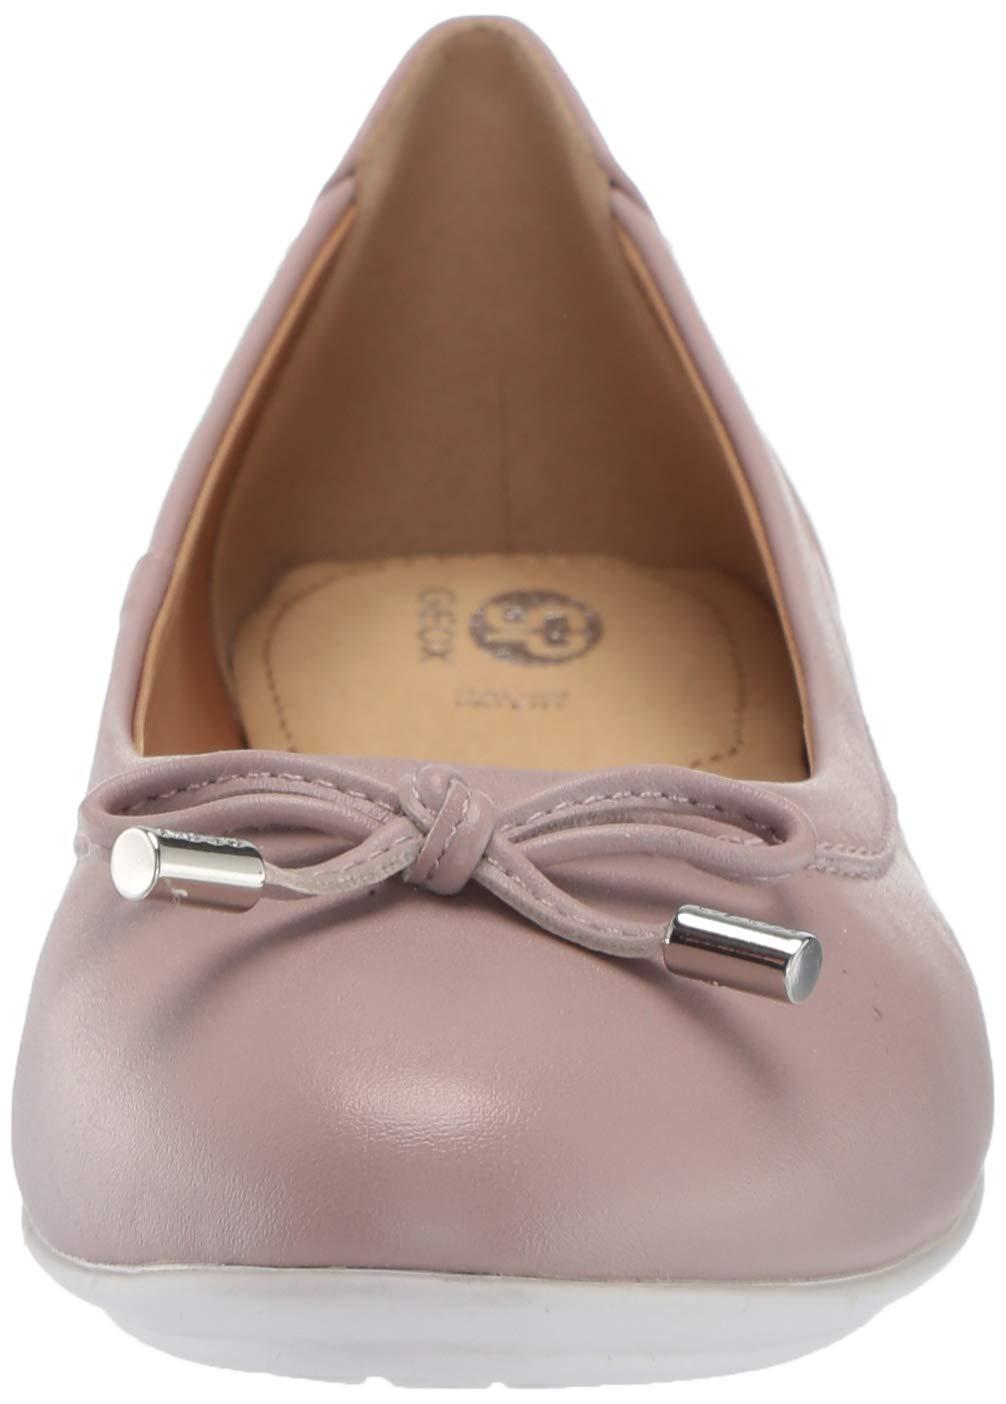 Geox Damen Round Toe Ballet Flat with Bow Charlene 27, runde Zehe, Ballerinas mit Schleife 4